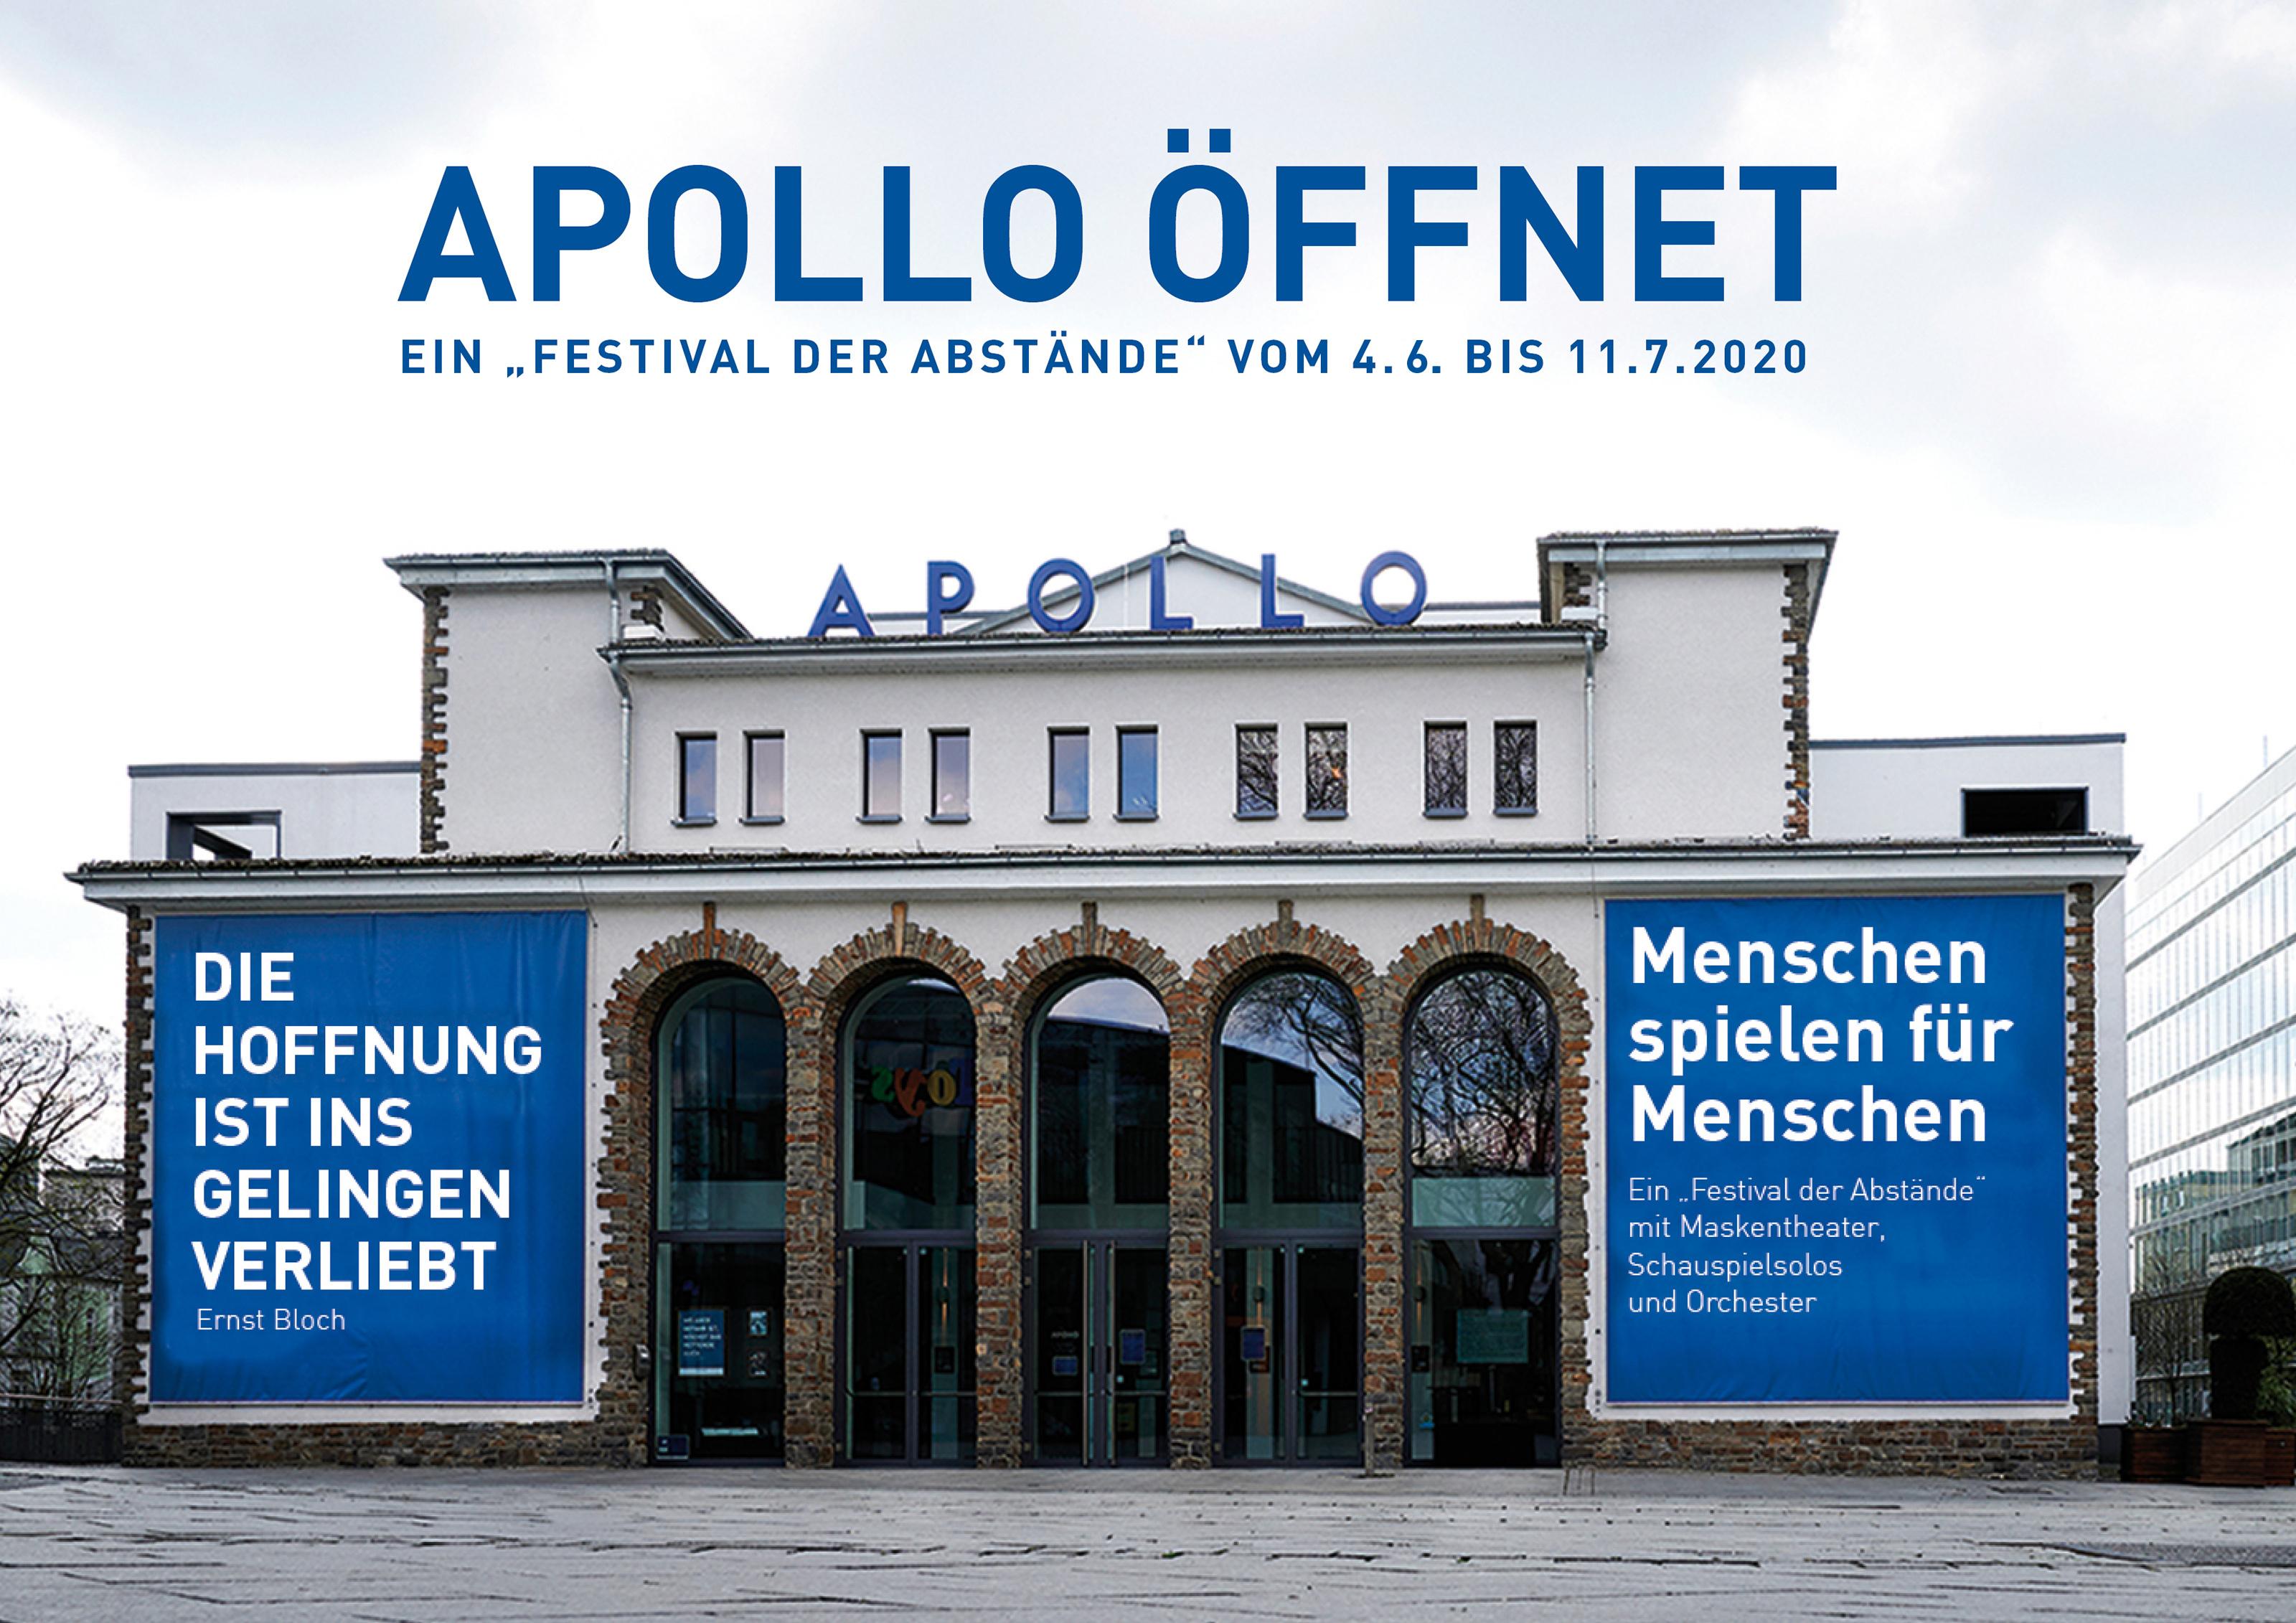 """Apollo öffnet mit """"Festival der Abstände"""""""